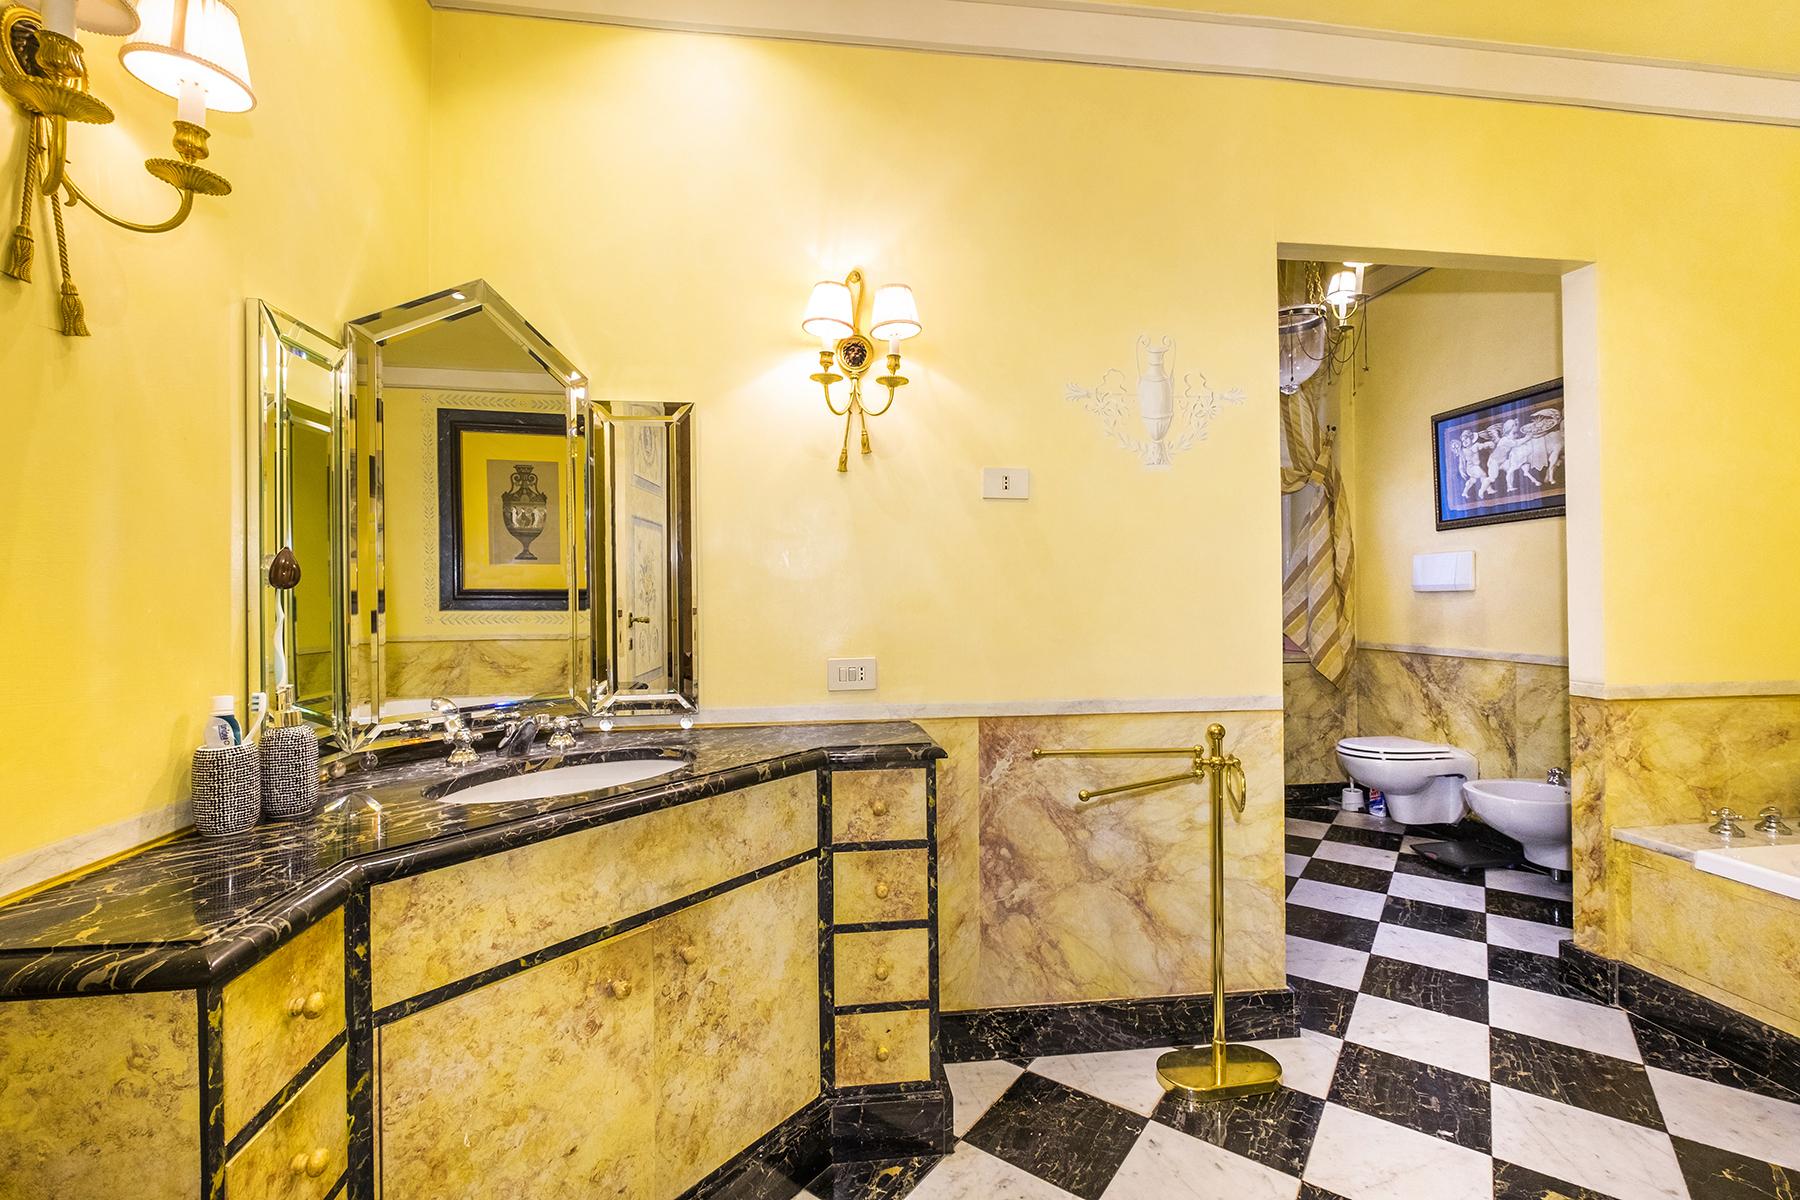 Appartamento di lusso in affitto a roma via viale gorizia for Locali commerciali in affitto roma nord